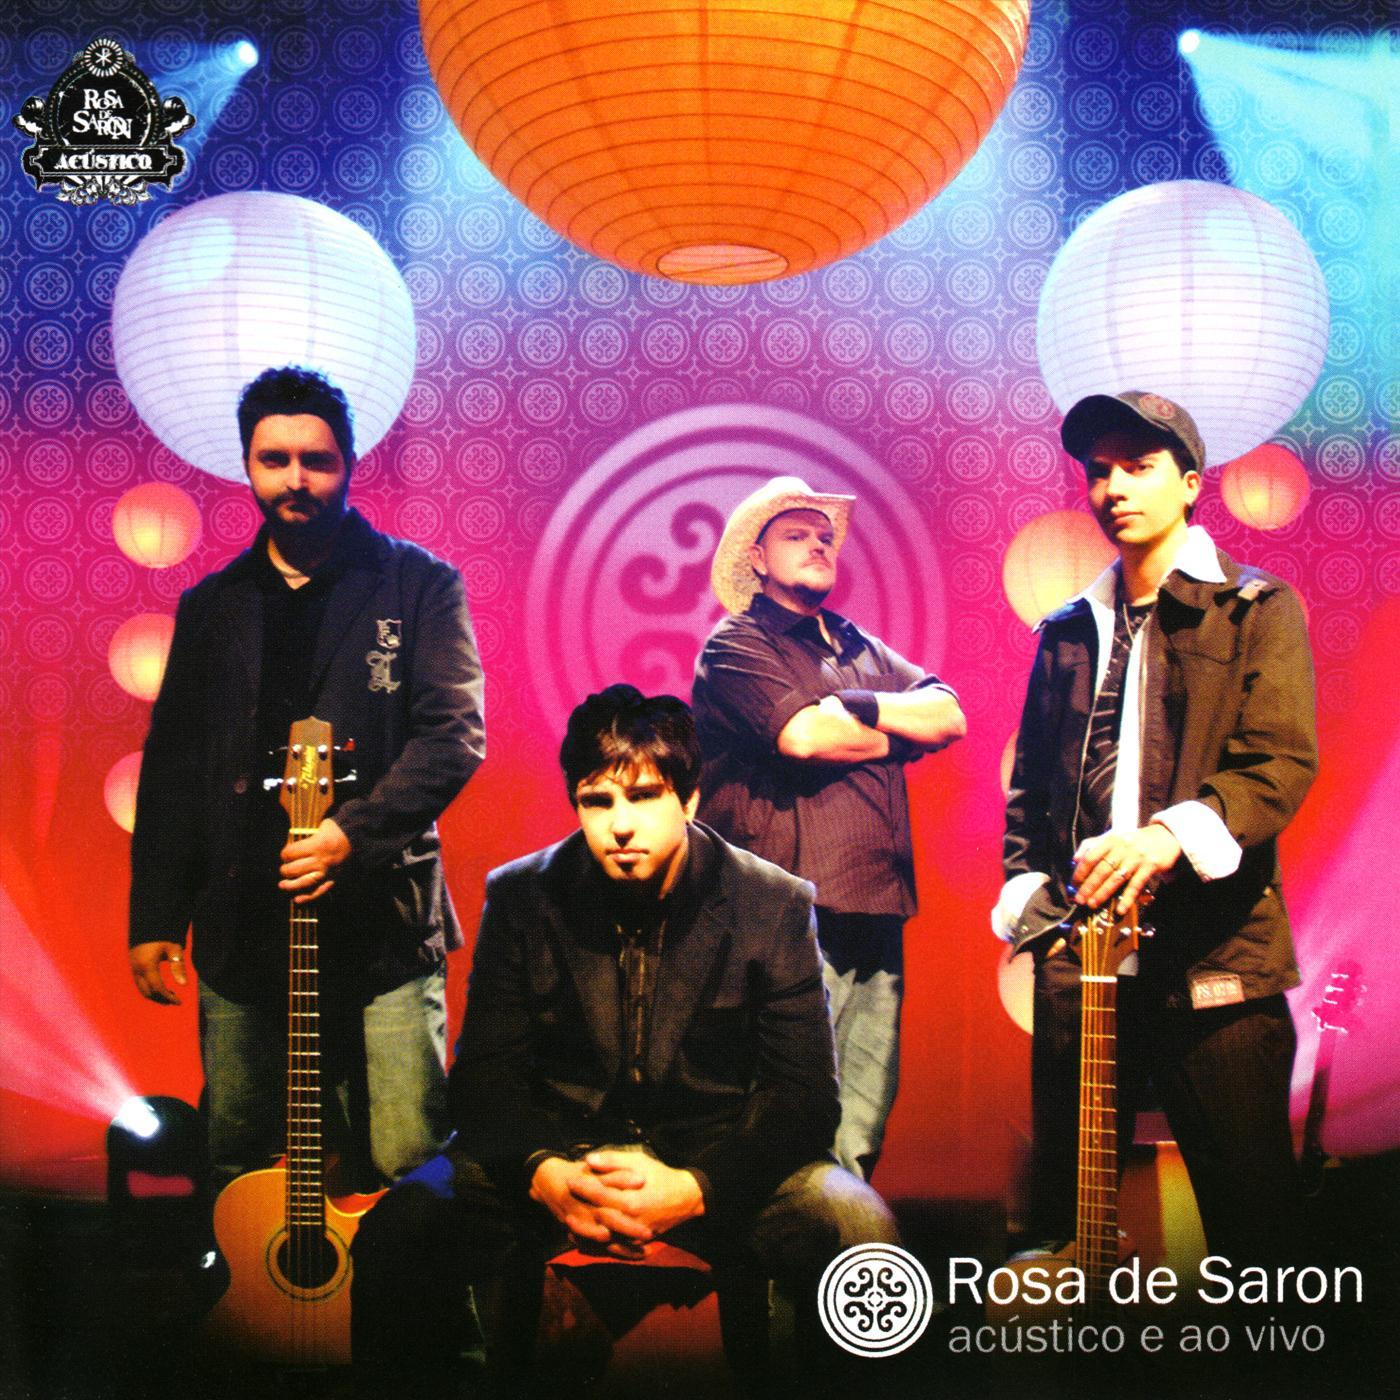 DVD do Rosa de Saron TE LOUVO EM VERDADE - YouTube